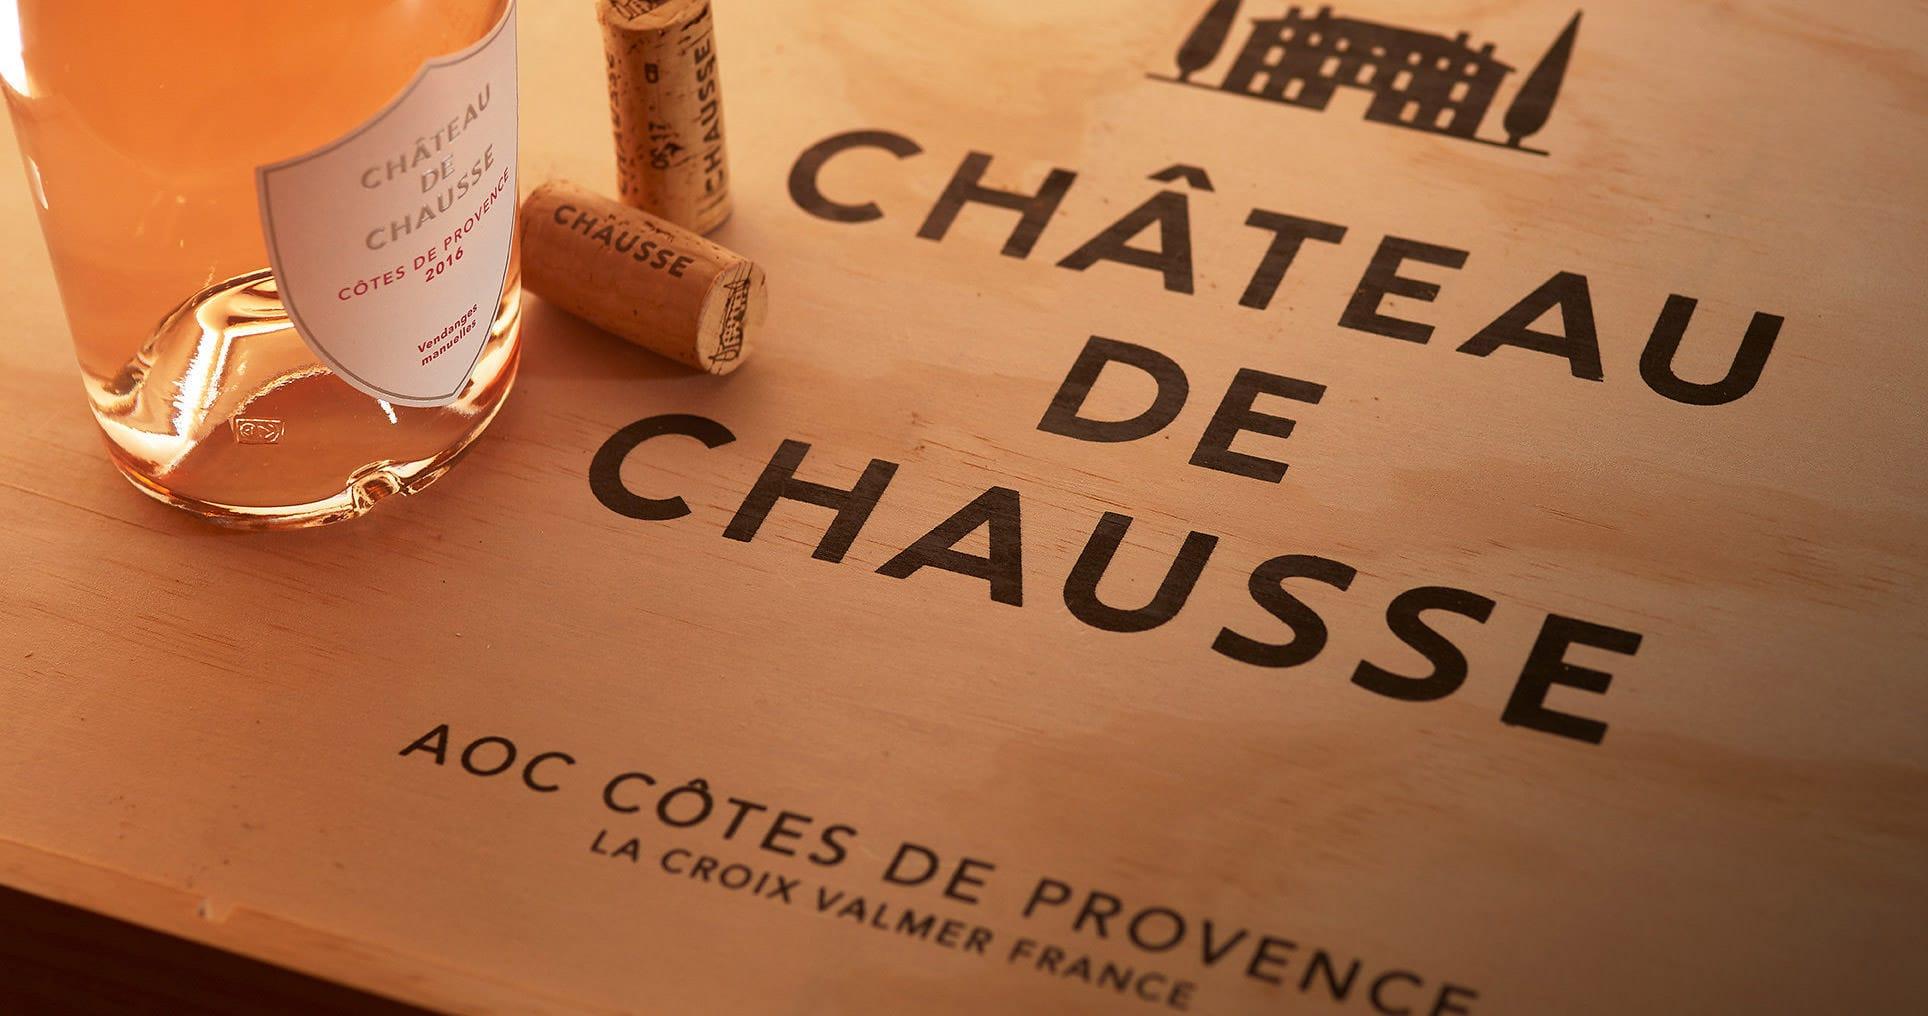 Château de Chausse